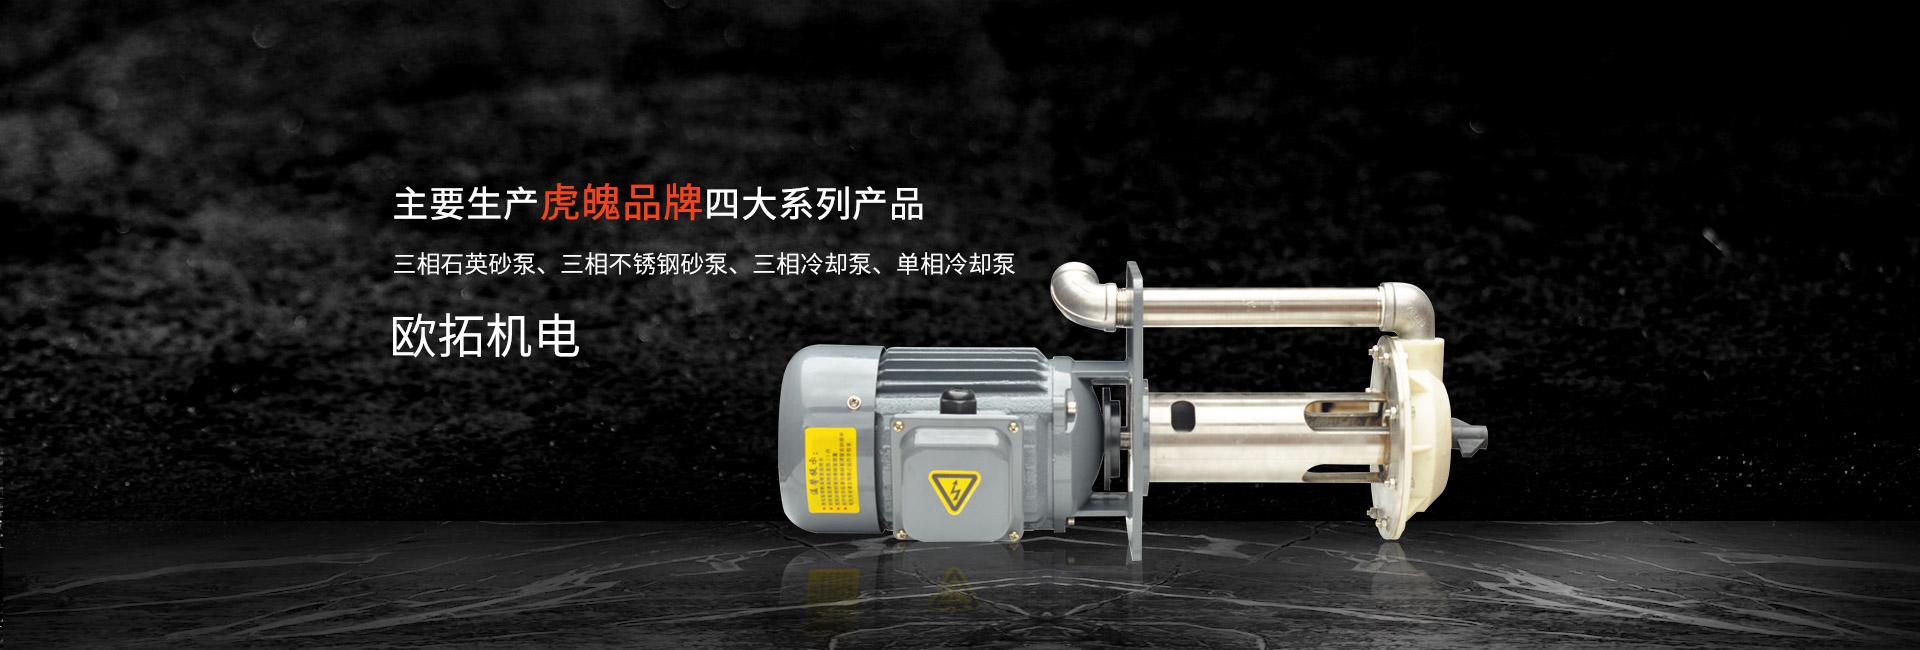 不锈钢砂泵